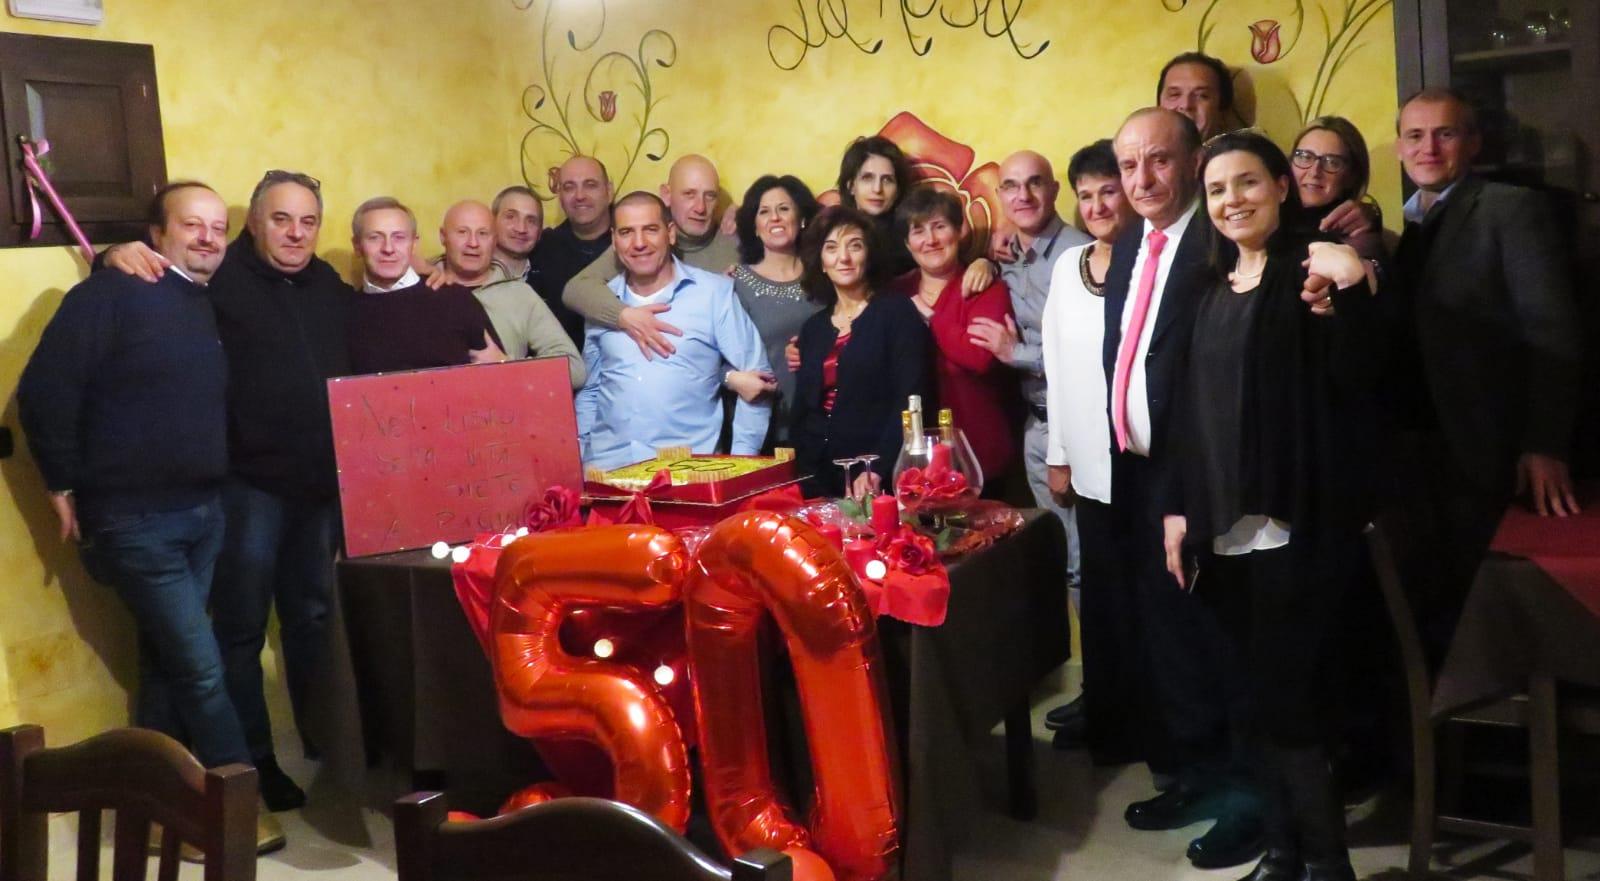 La classe 1969 di Scurcola Marsicana festeggia 50 anni